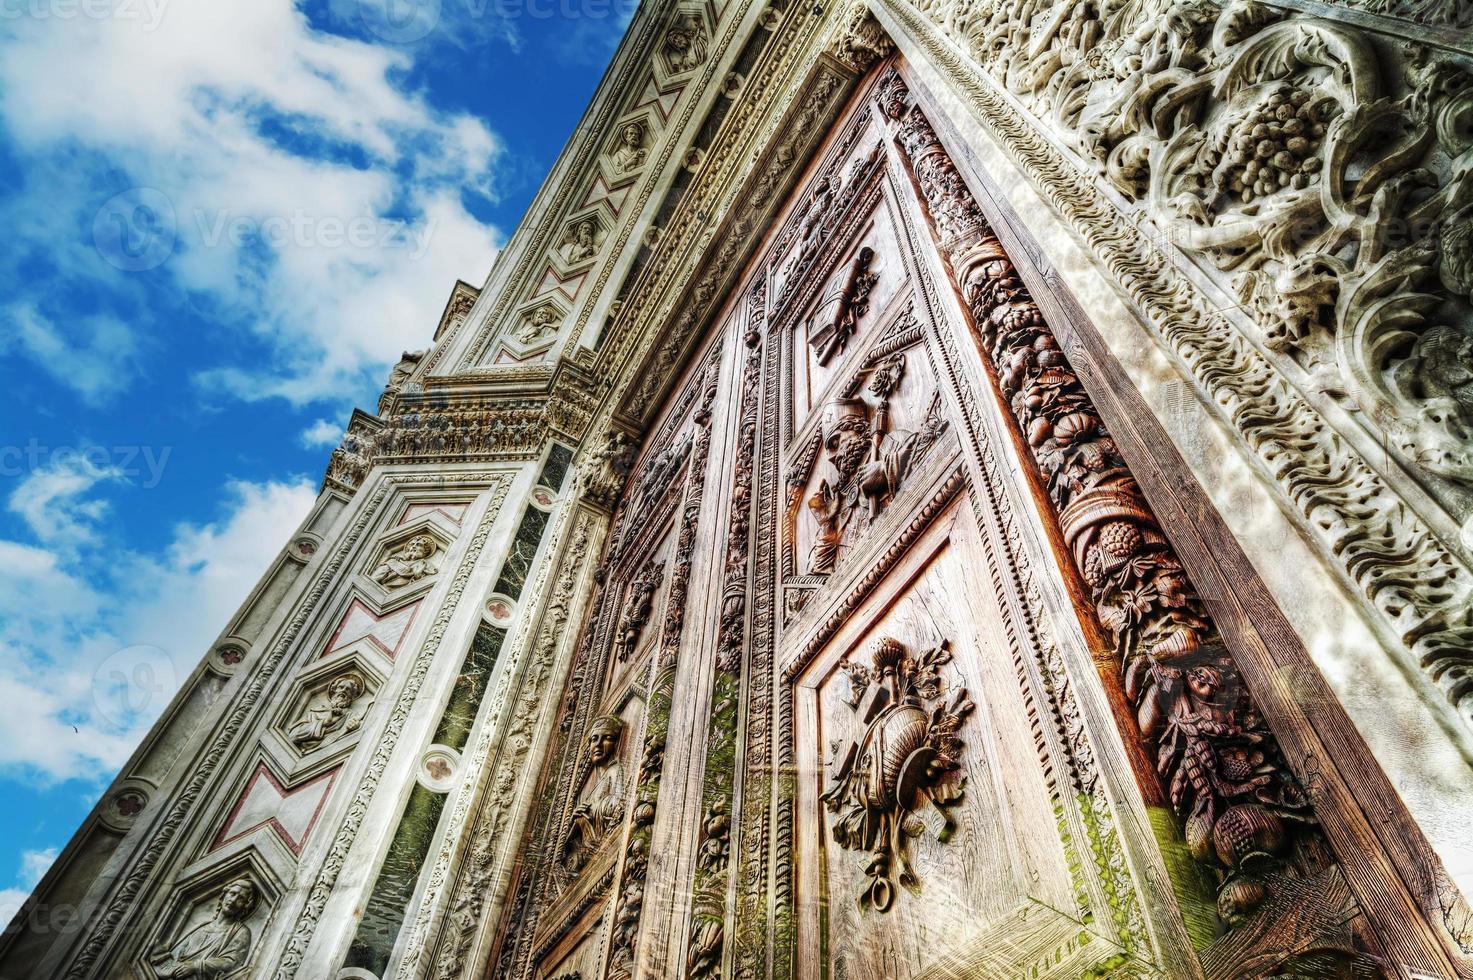 Cathédrale de Santa Croce sous un ciel bleu avec des nuages photo